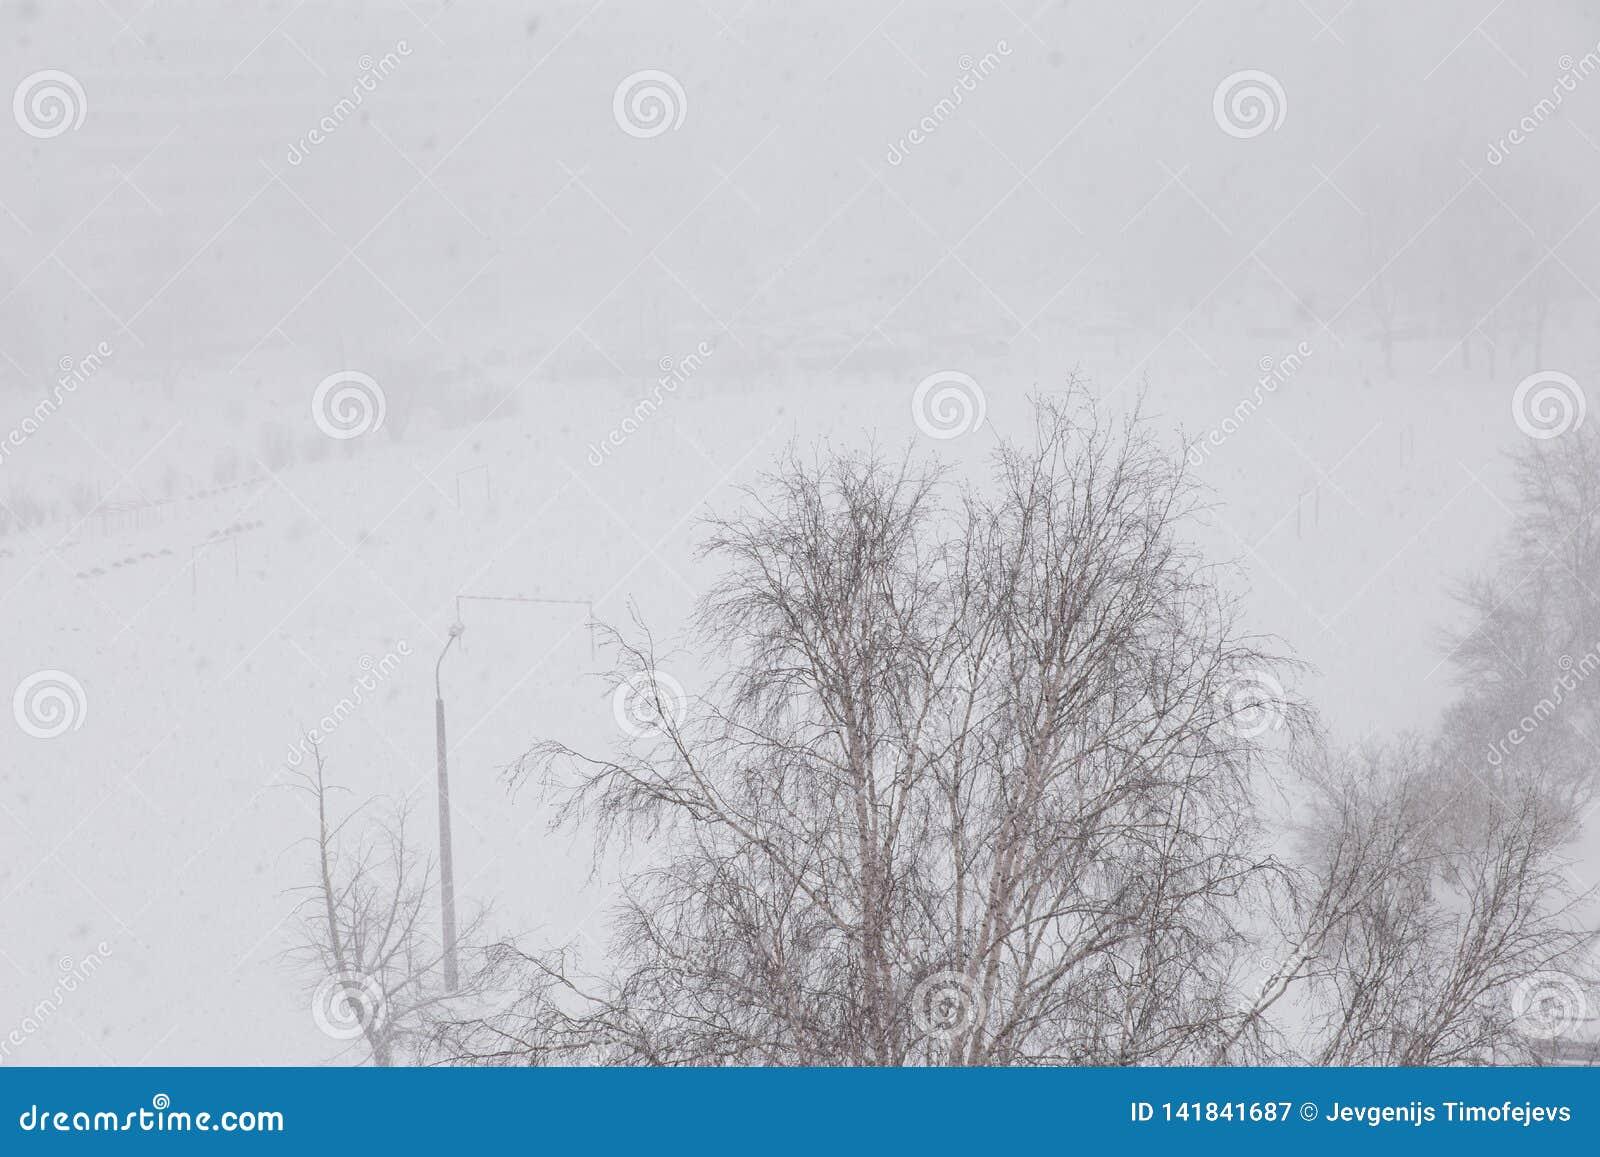 Paesaggio di Snowy - vista della bufera di neve dal fuco aereo della finestra sparato con visibilità difficile